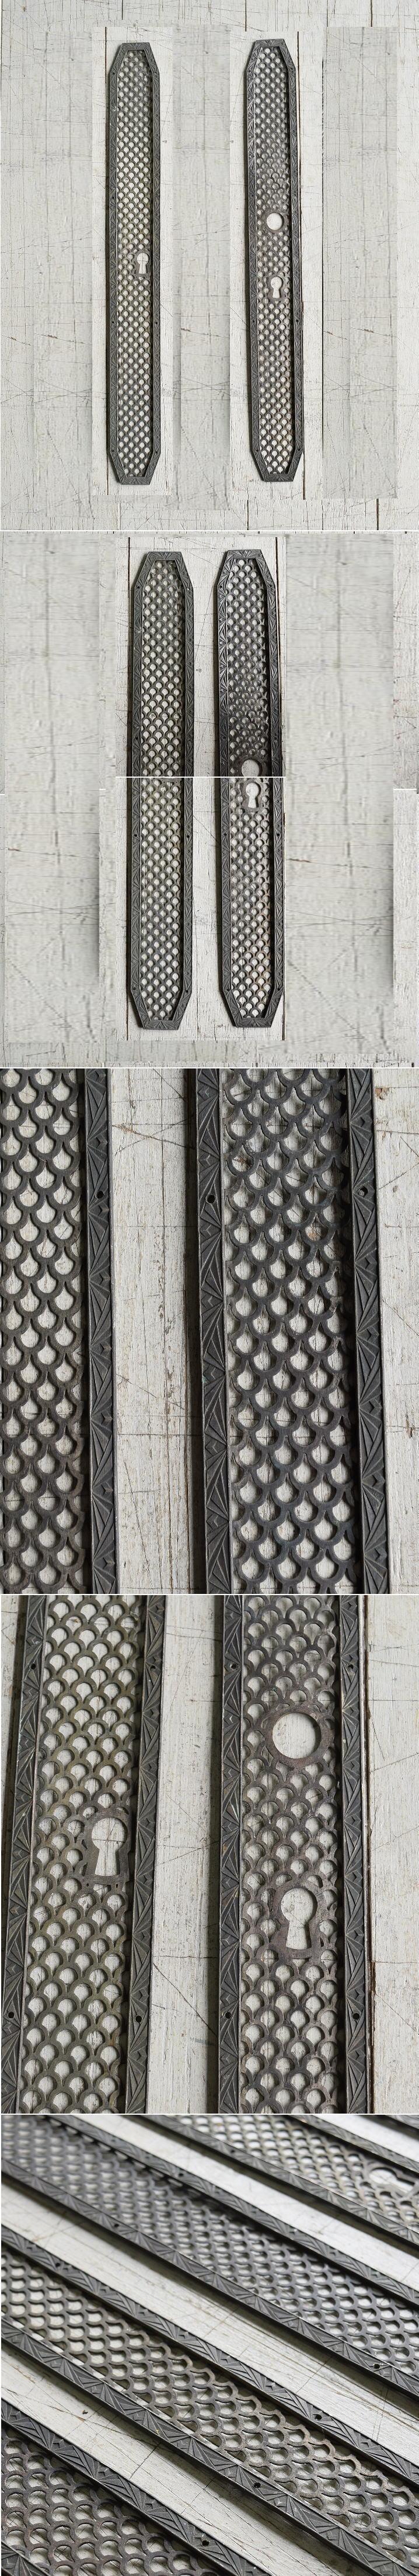 イギリス アンティーク 真鍮フィンガープレート ドアプレート×2 10058